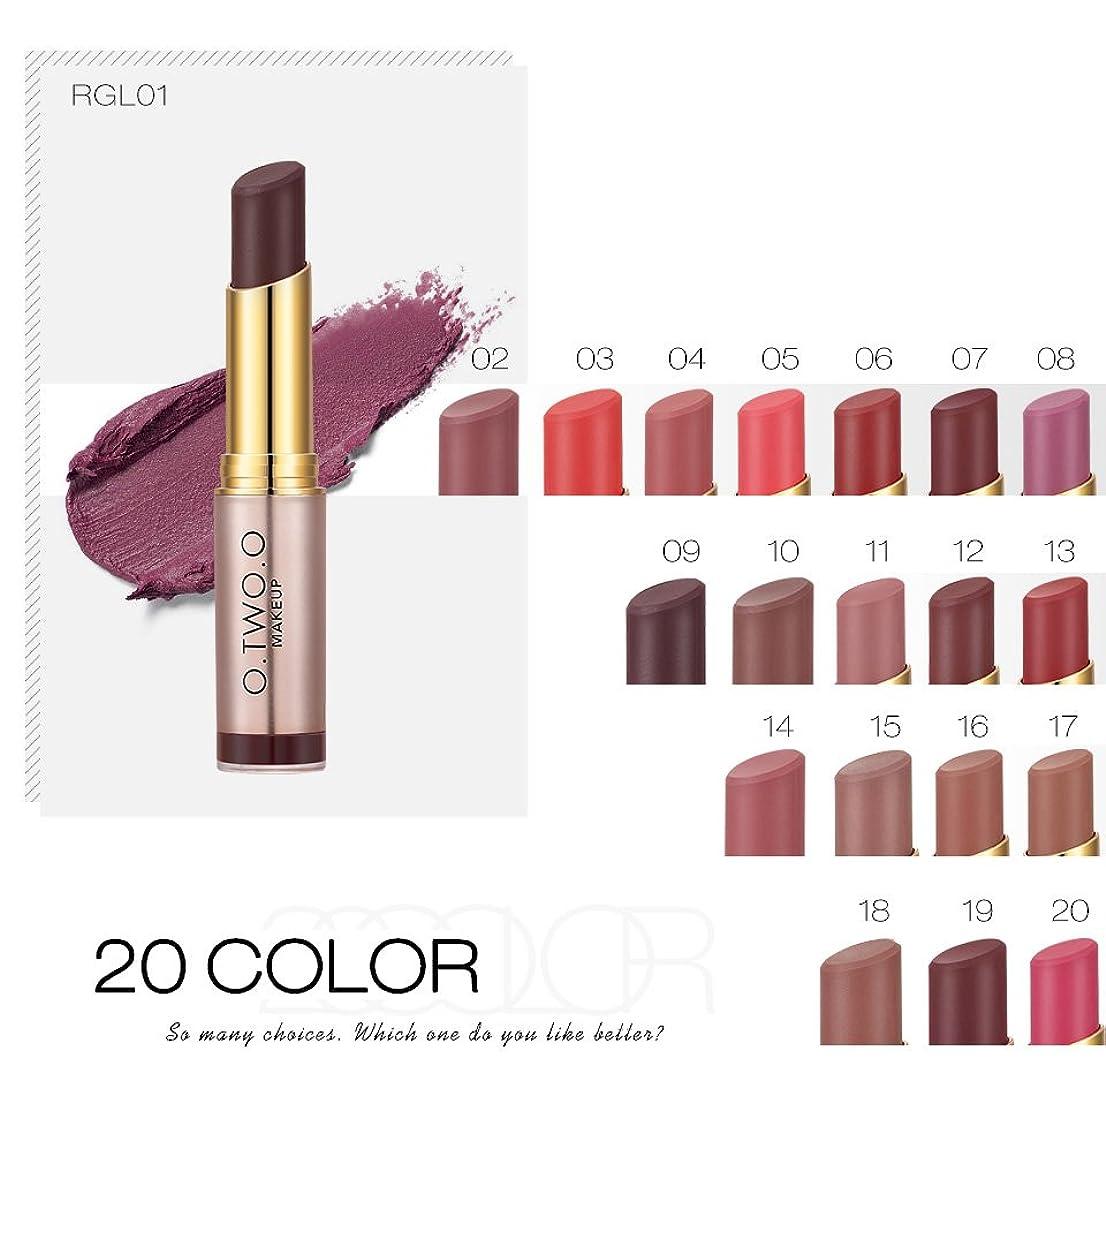 損なうヘリコプター無一文(RGL14) Brand Wholesale Beauty Makeup Lipstick Popular Colors Best Seller Long Lasting Lip Kit Matte Lip Cosmetics